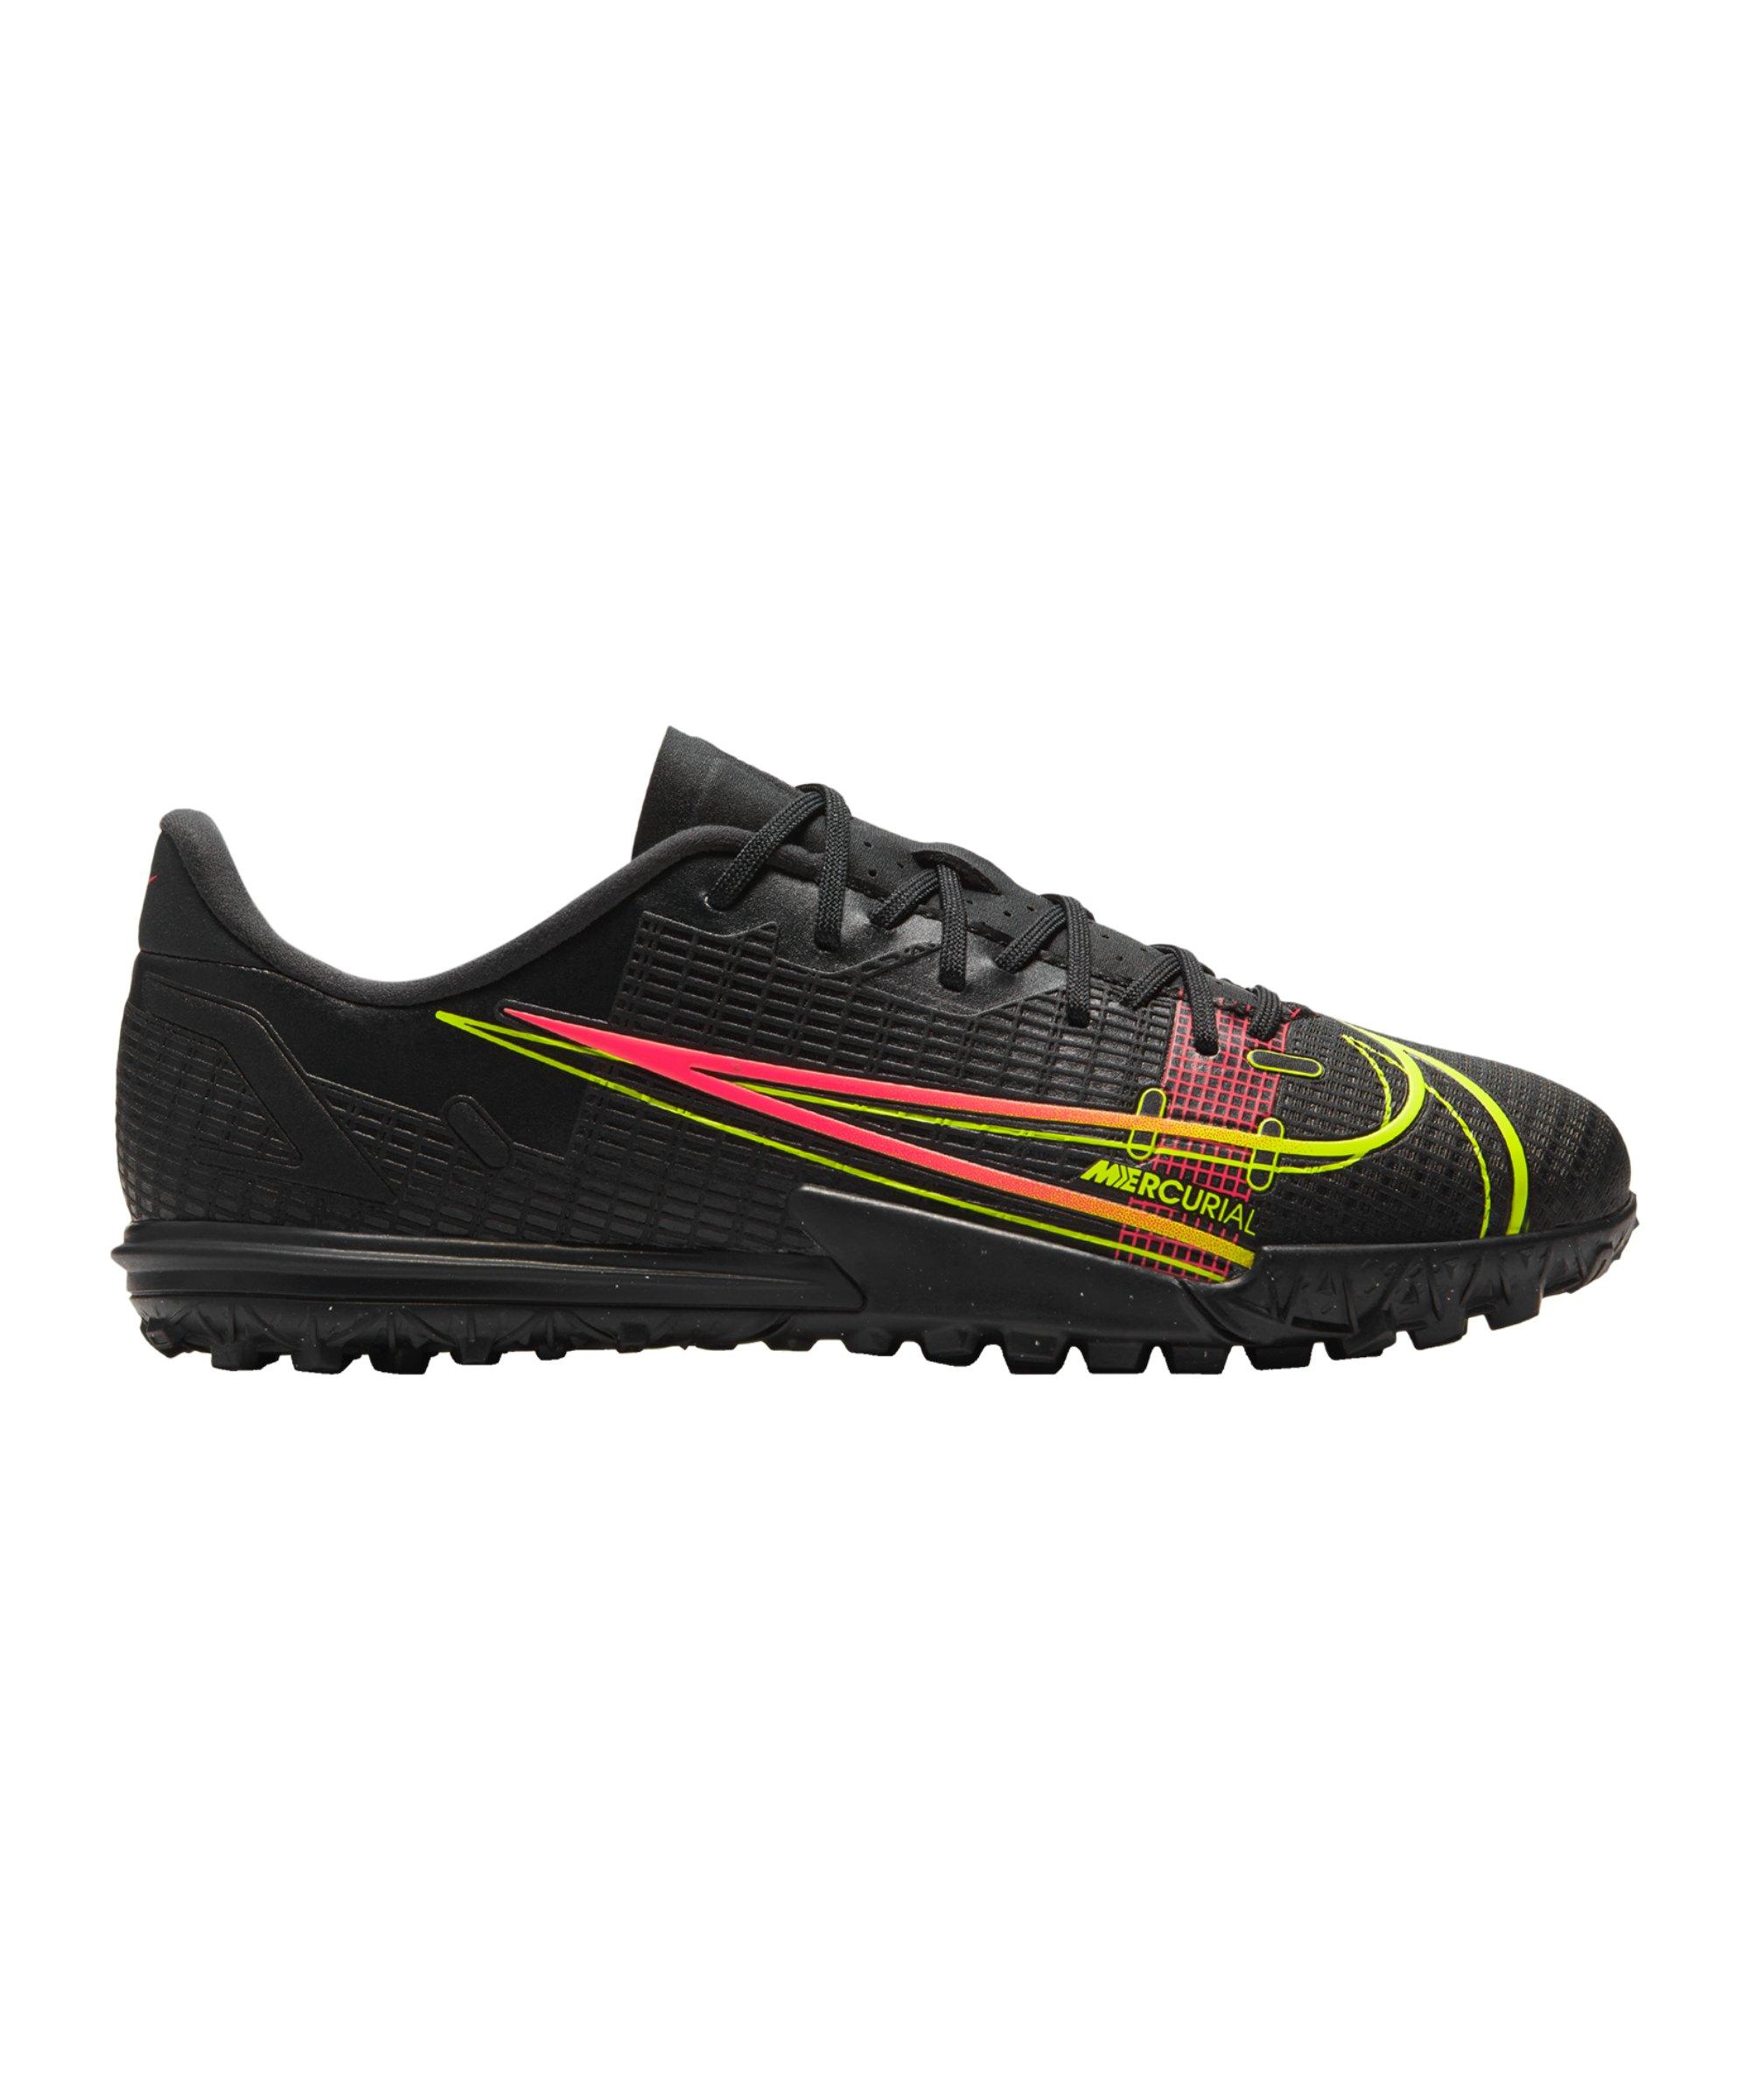 Nike Jr Mercurial Vapor XIV Black X Prism Academy TF Kids Schwarz F090 - schwarz